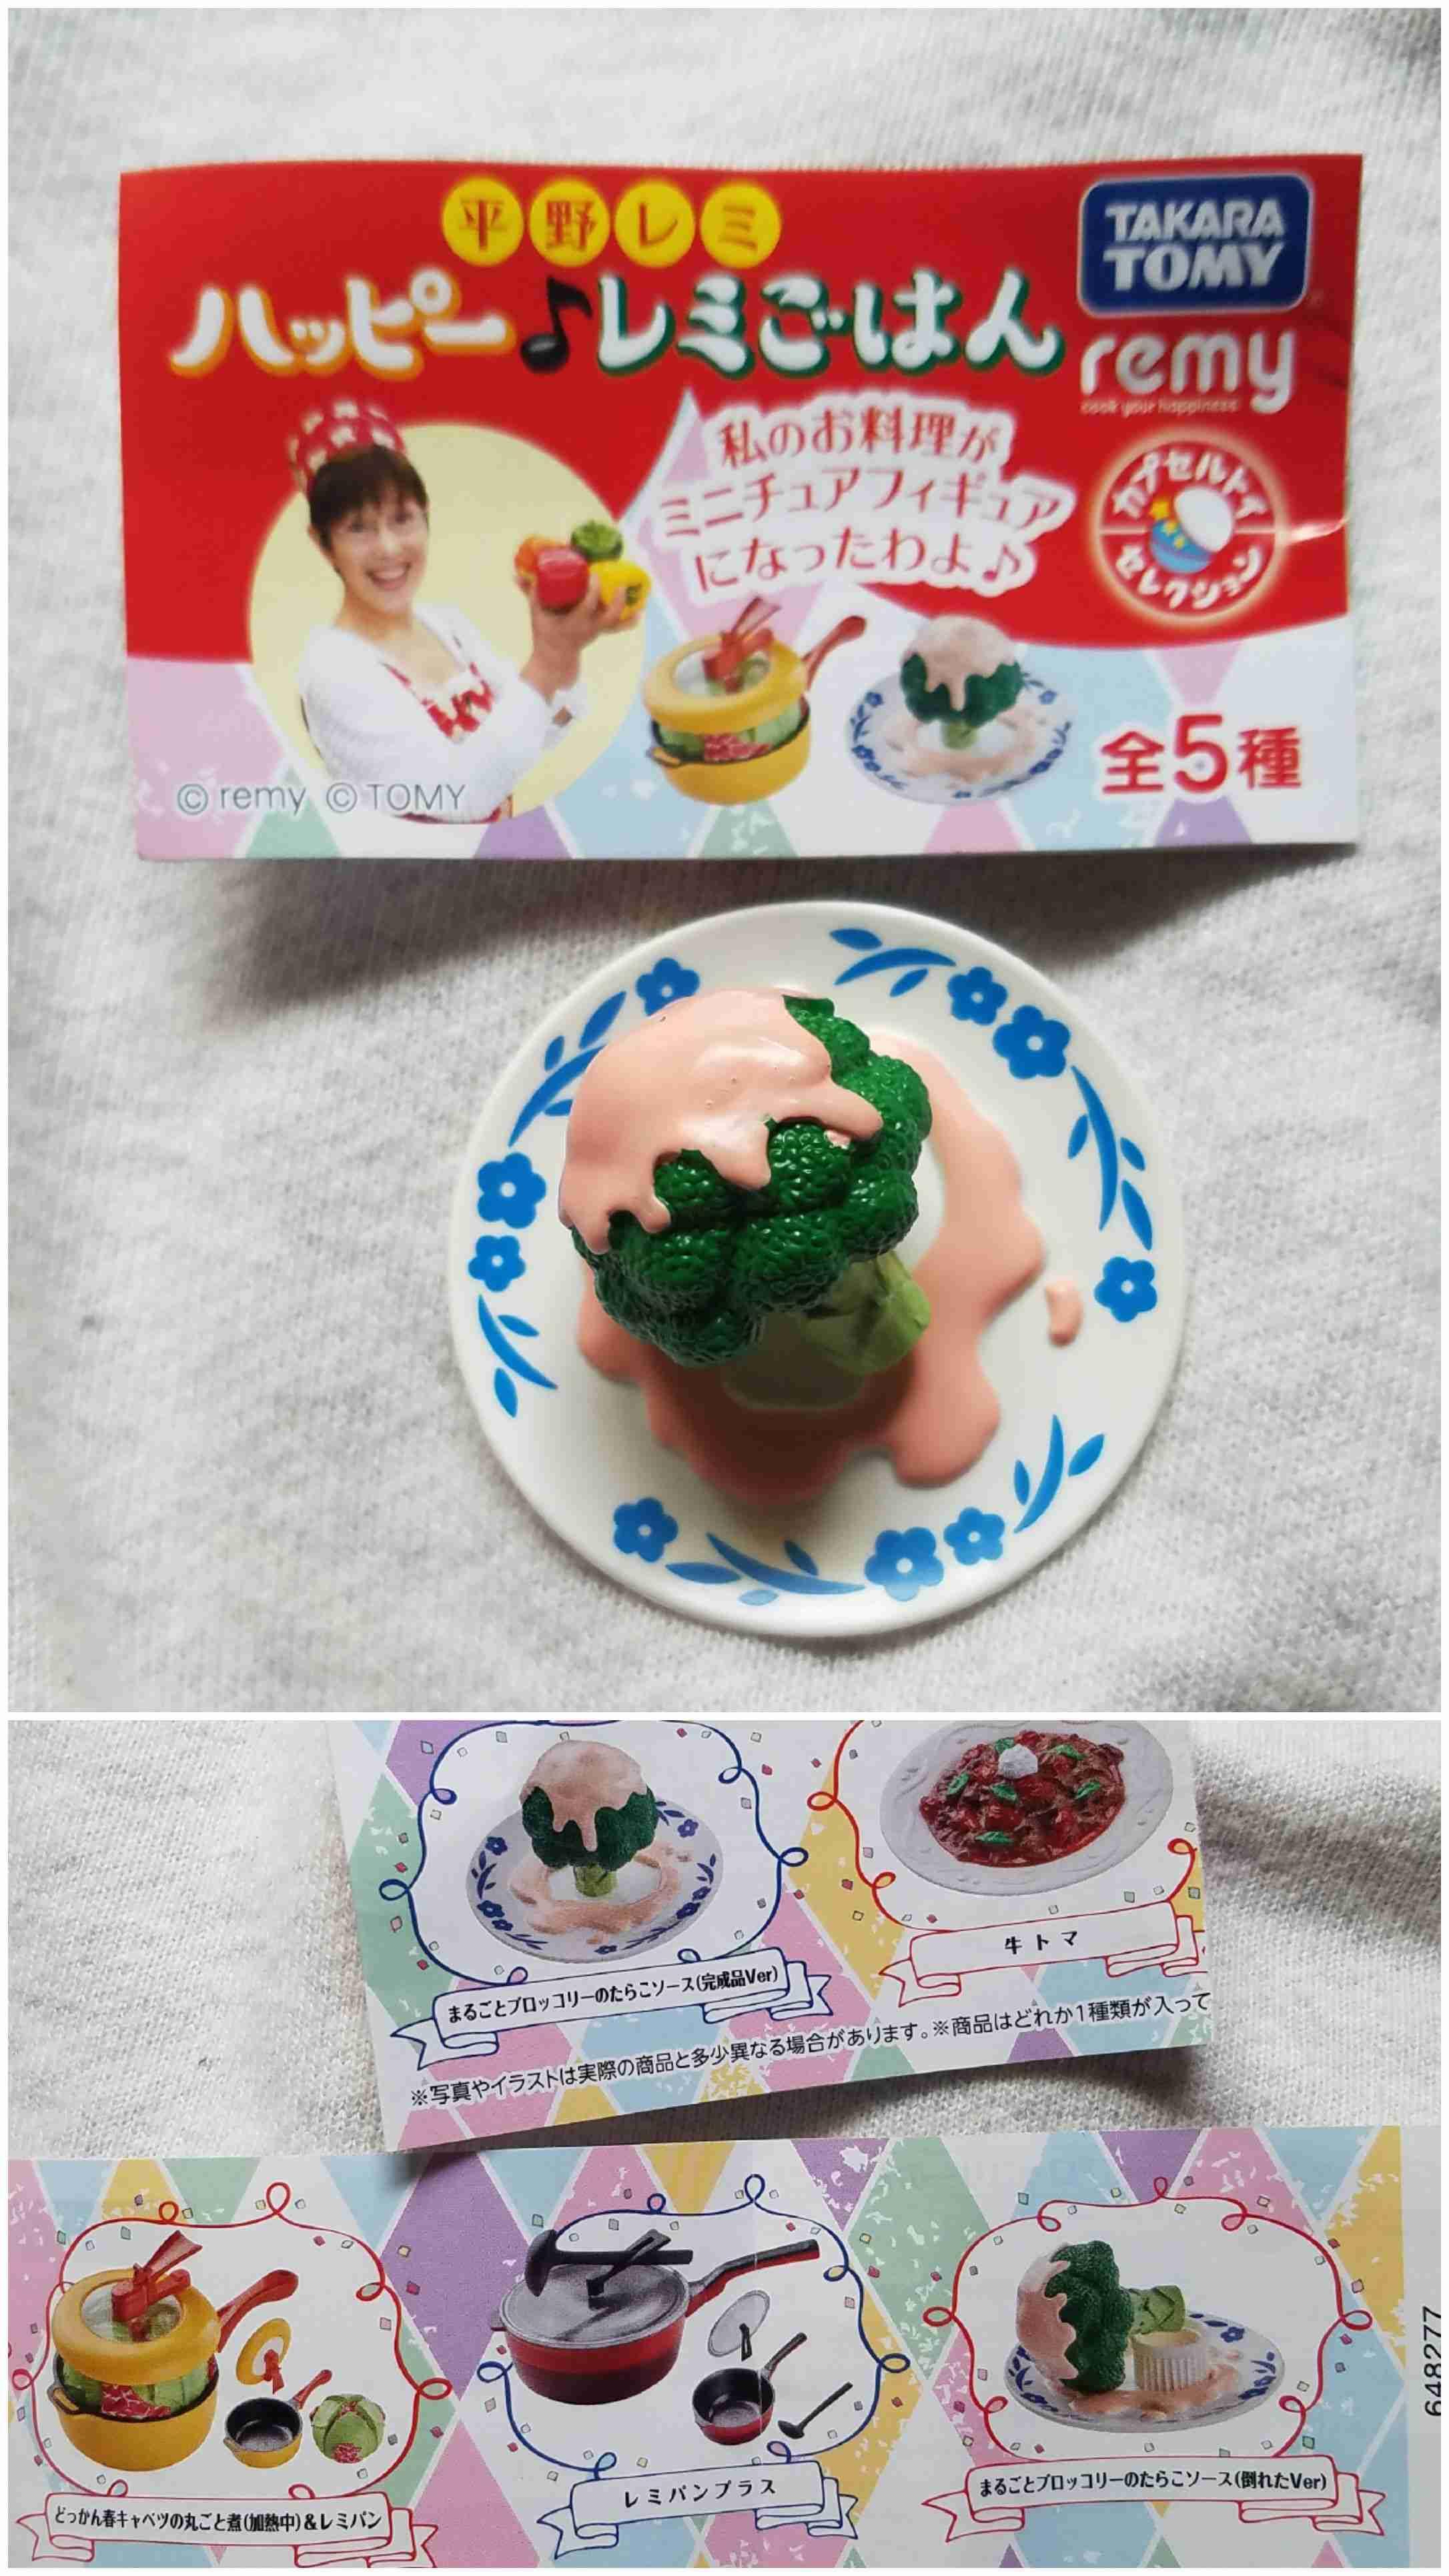 【実況・感想】NHKきょうの料理、平野レミの生放送始まるぞ!